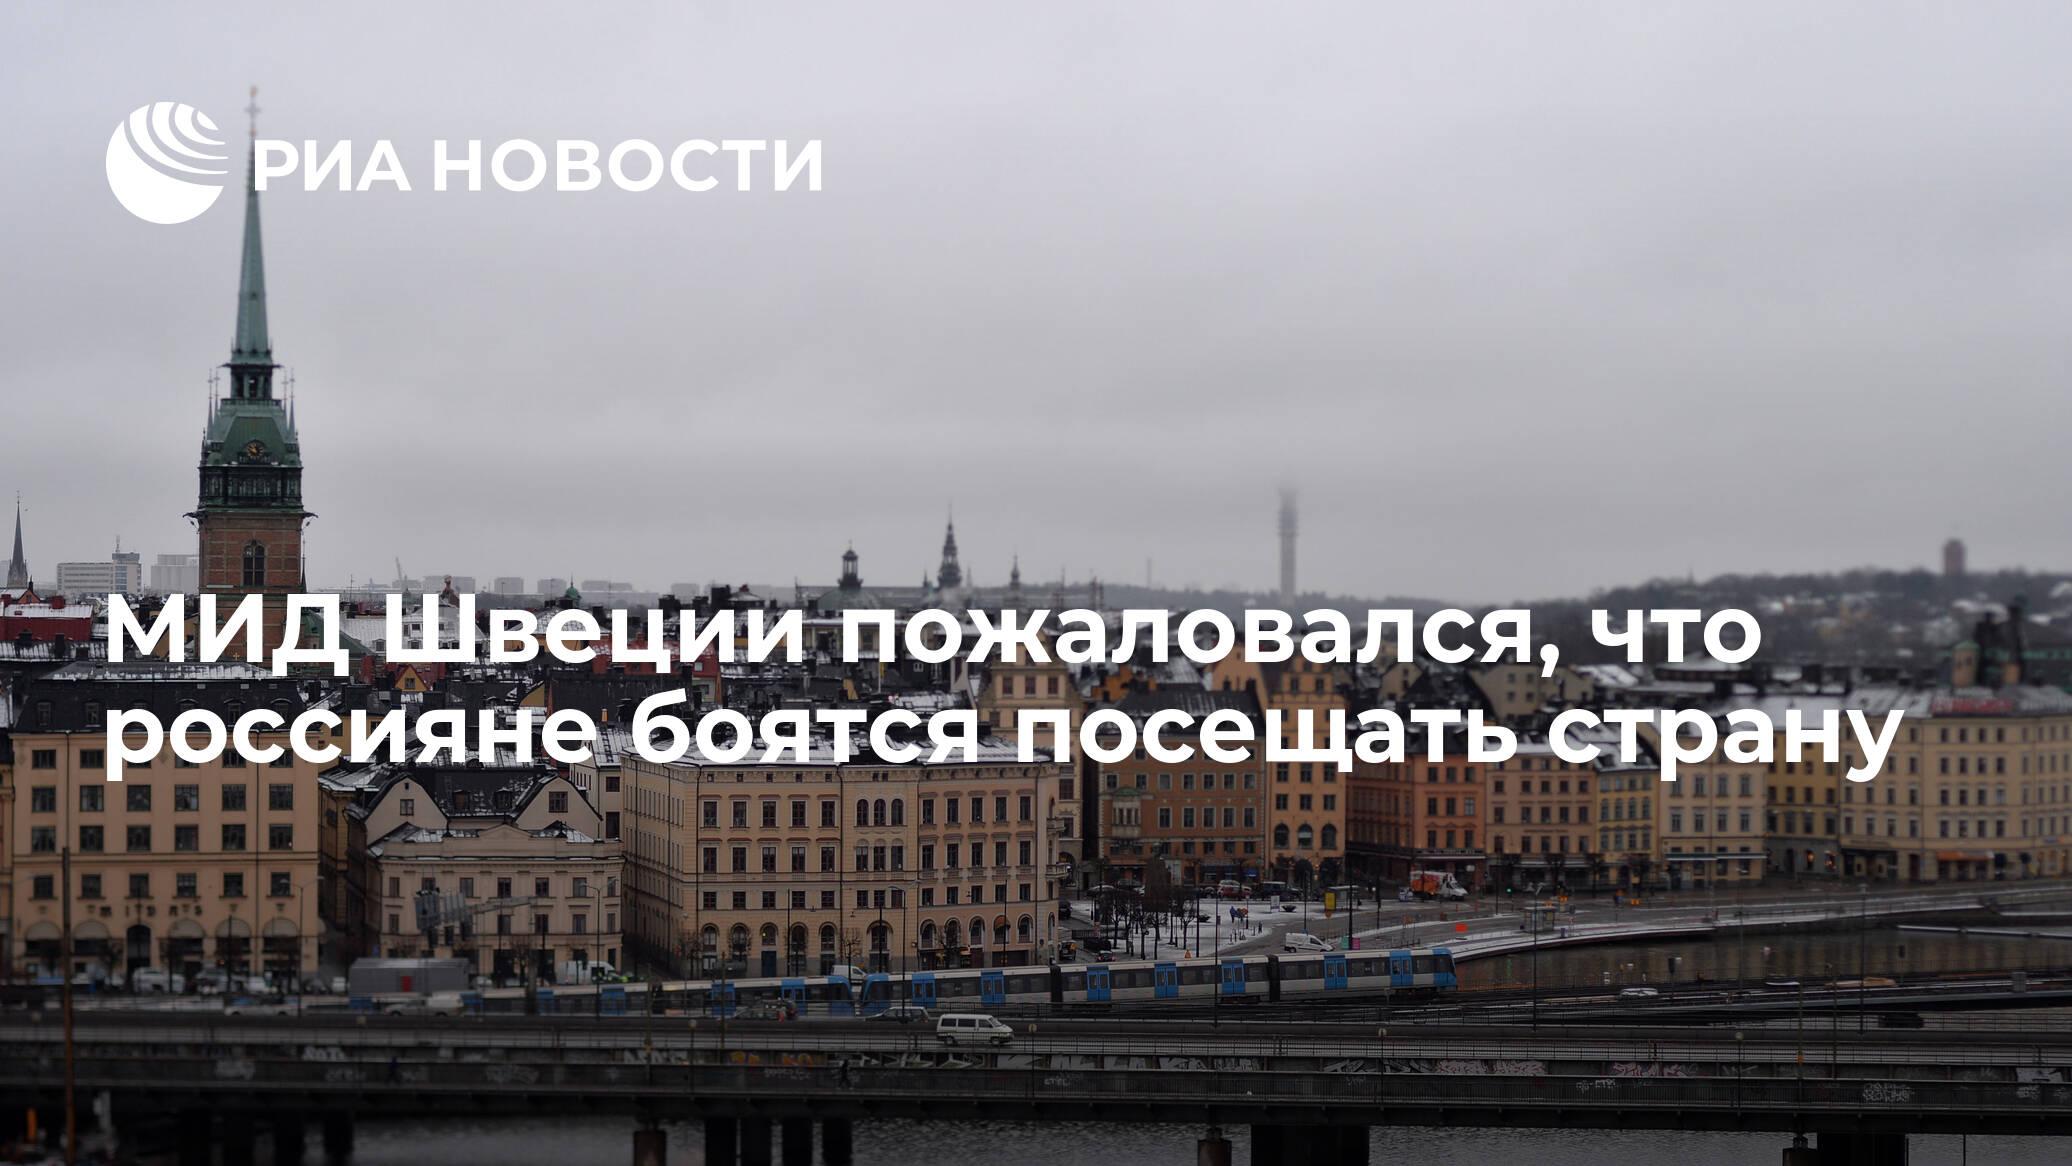 МИД Швеции пожаловался, что россияне боятся посещать страну